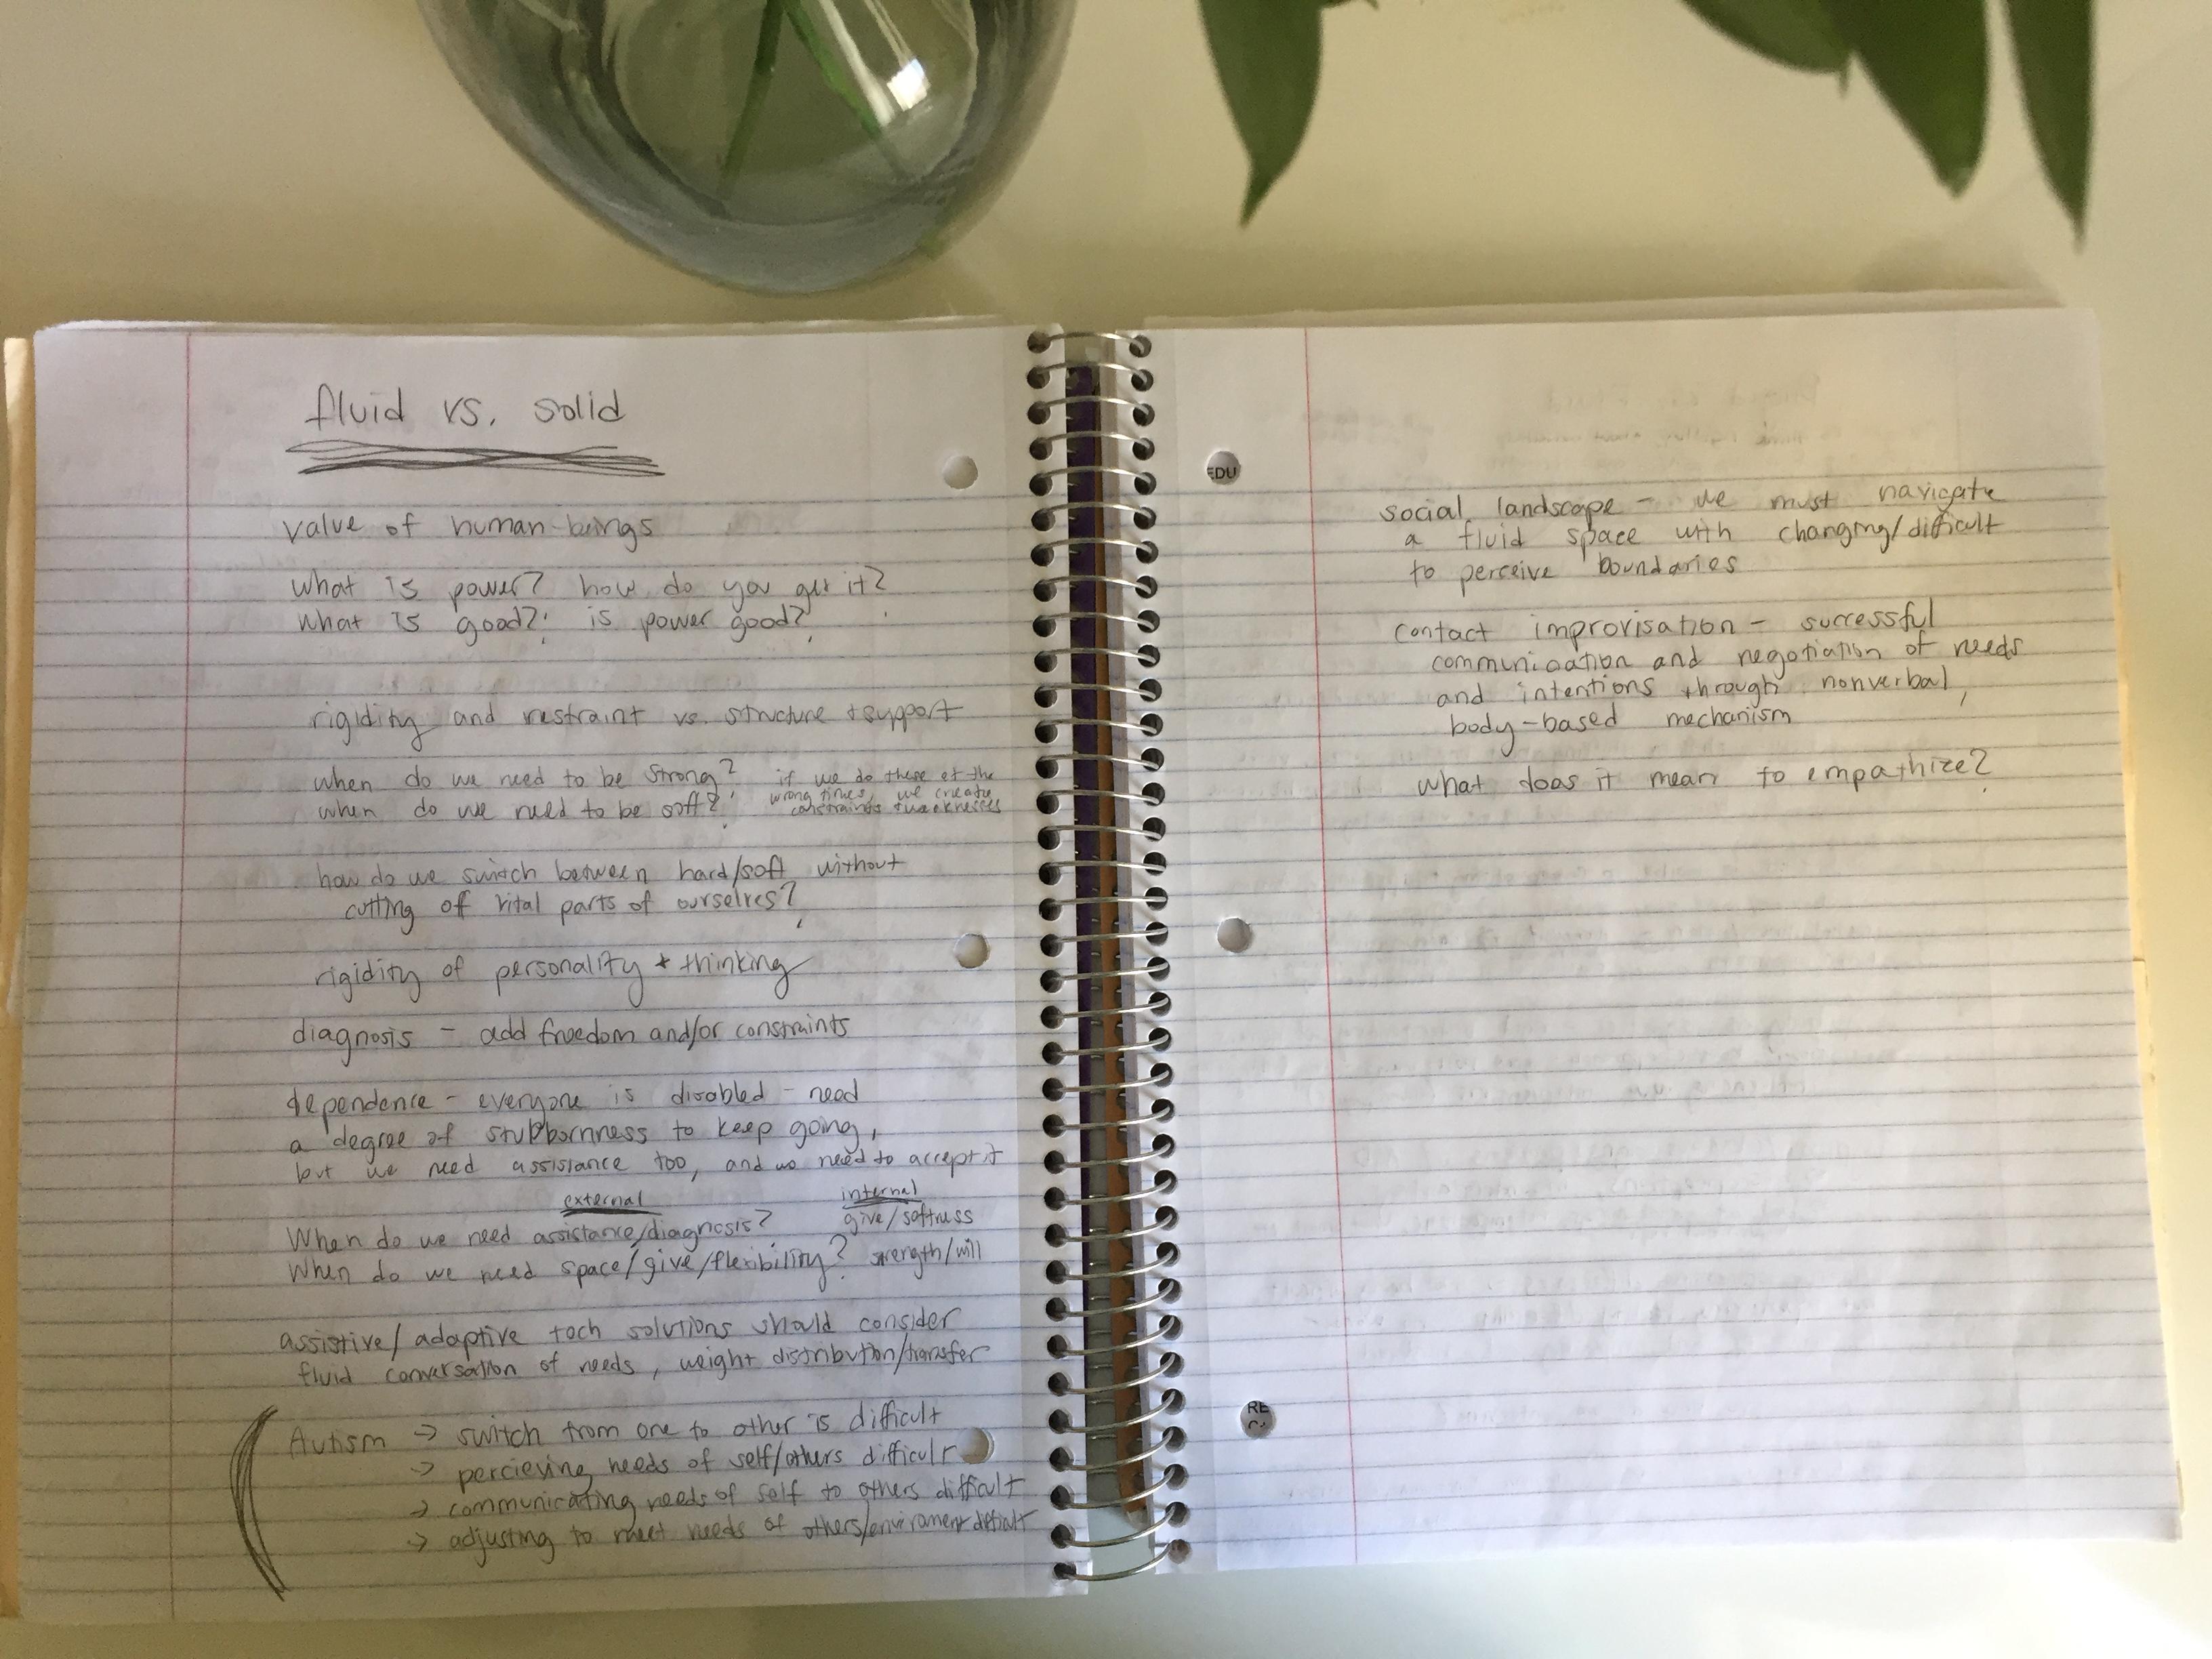 Reframing organizations essay